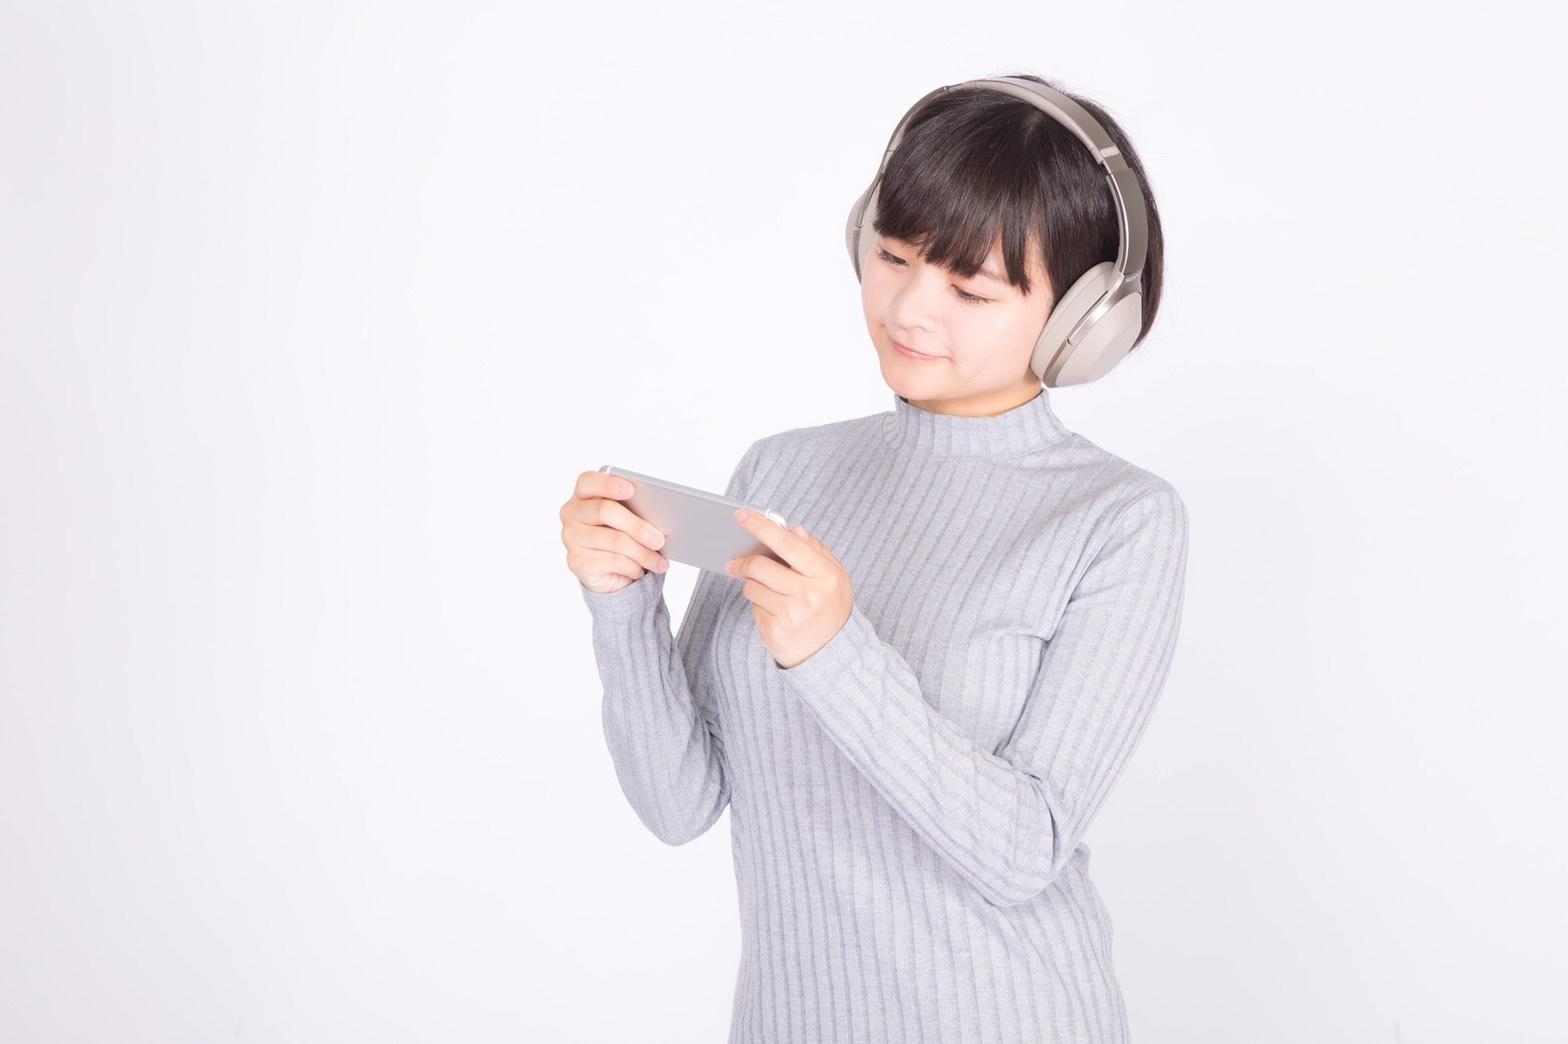 http://www.machikado-creative.jp/wordpress/wp-content/uploads/2017/09/S_6627788964479.jpg